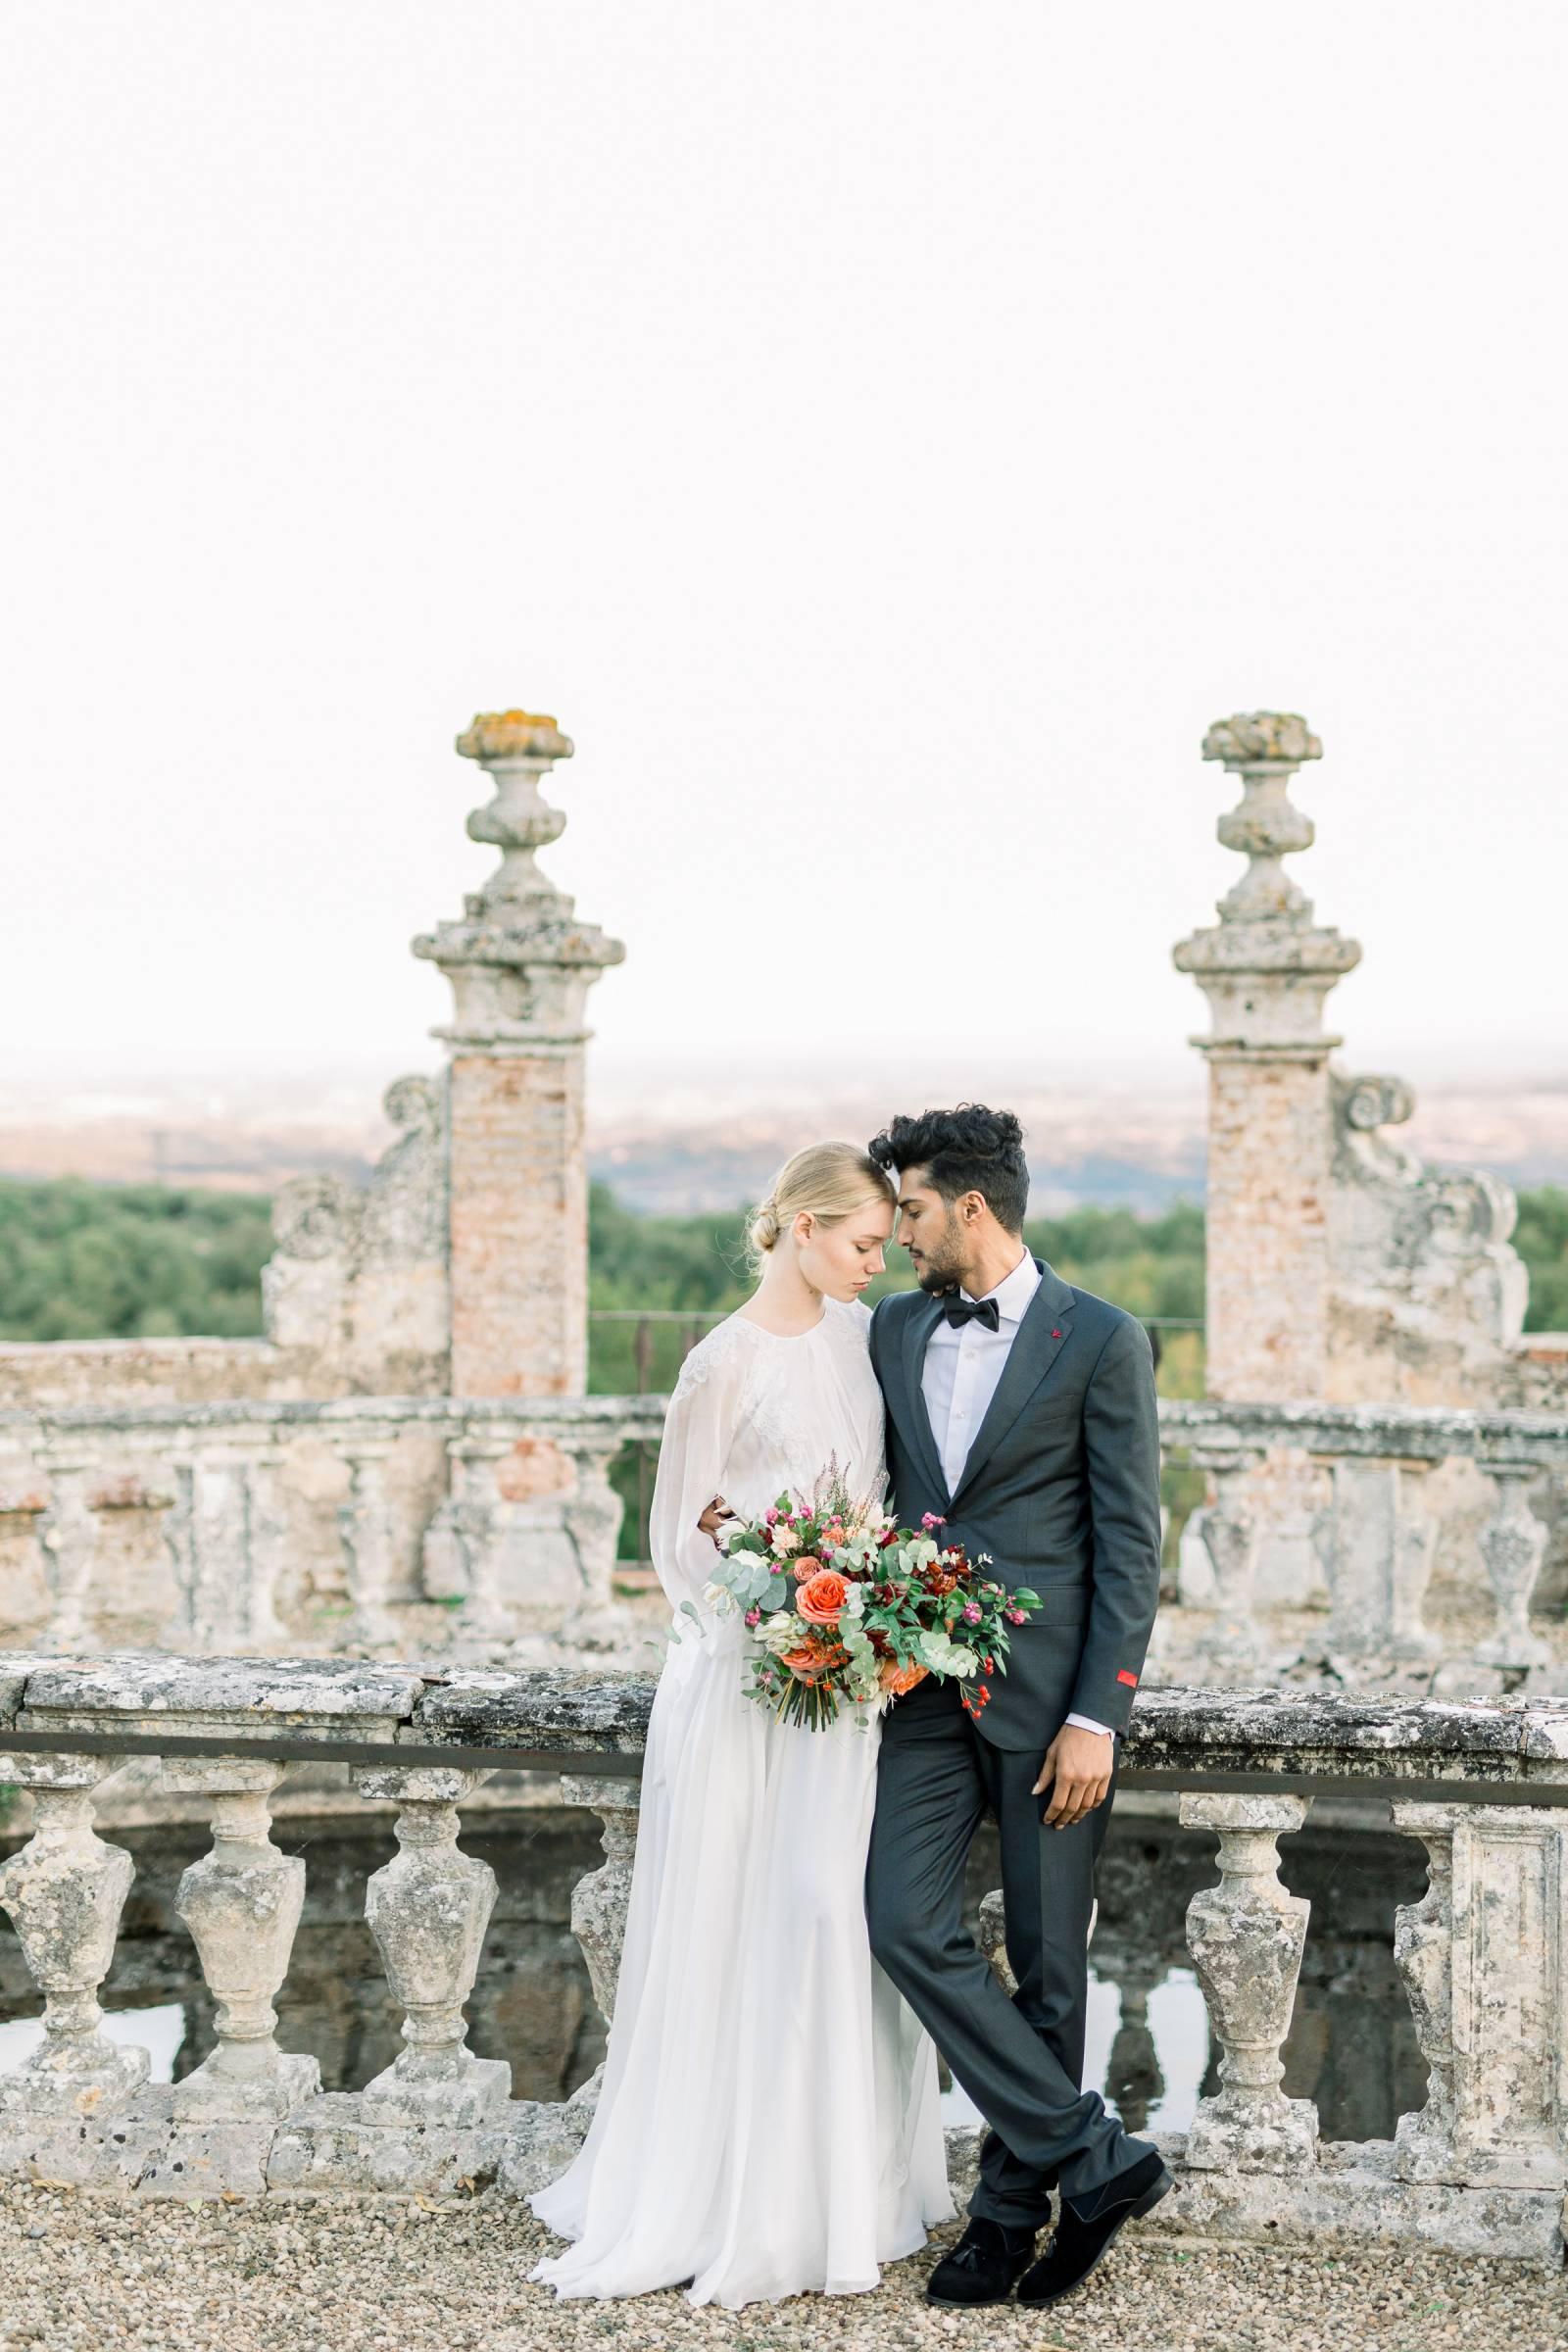 Rossini-Weddings-tuscany-wedding5